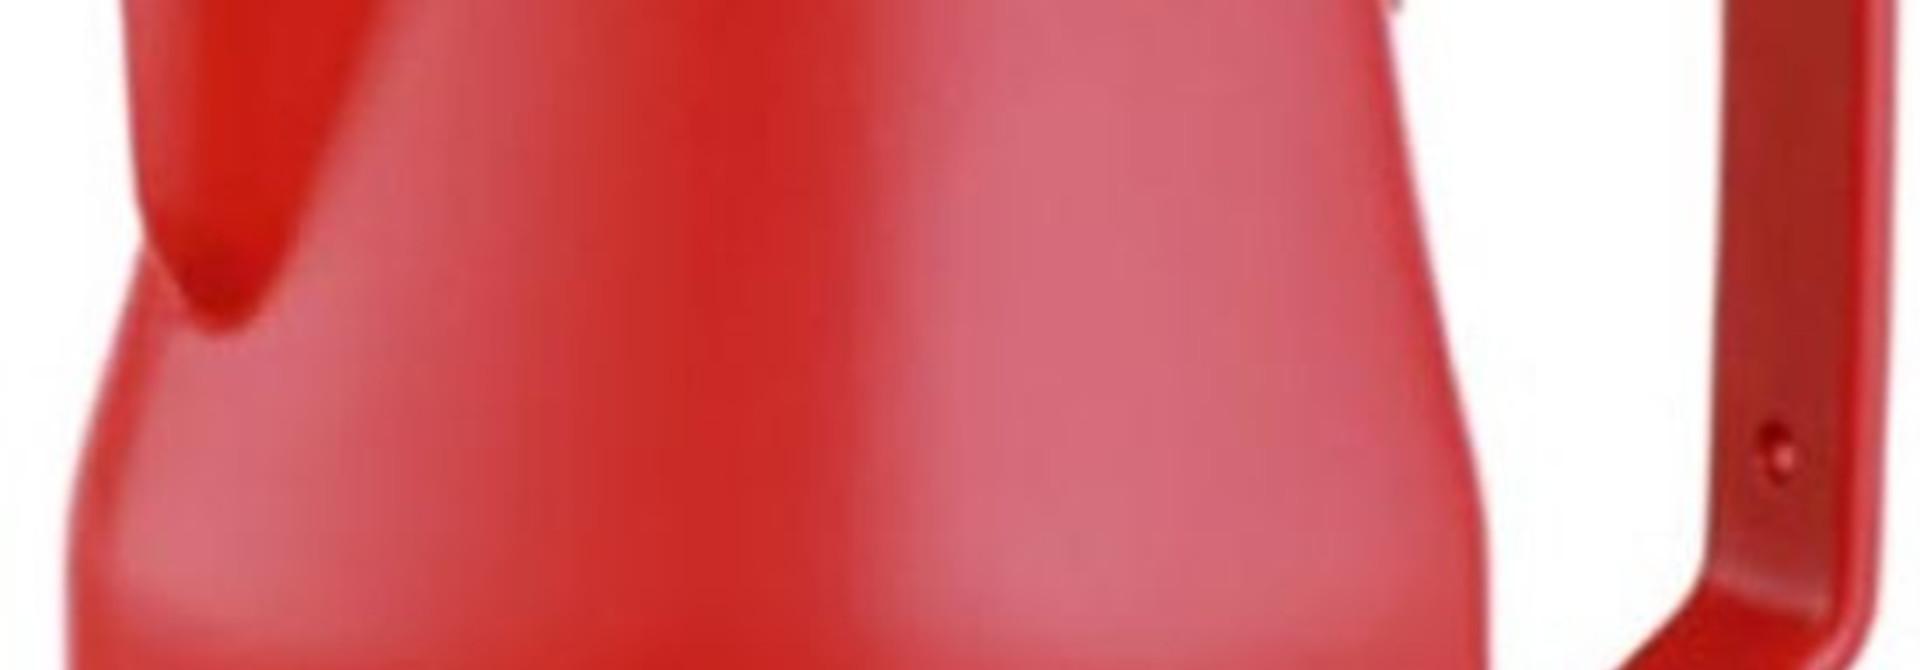 Motta Melkkan rood 50 cl